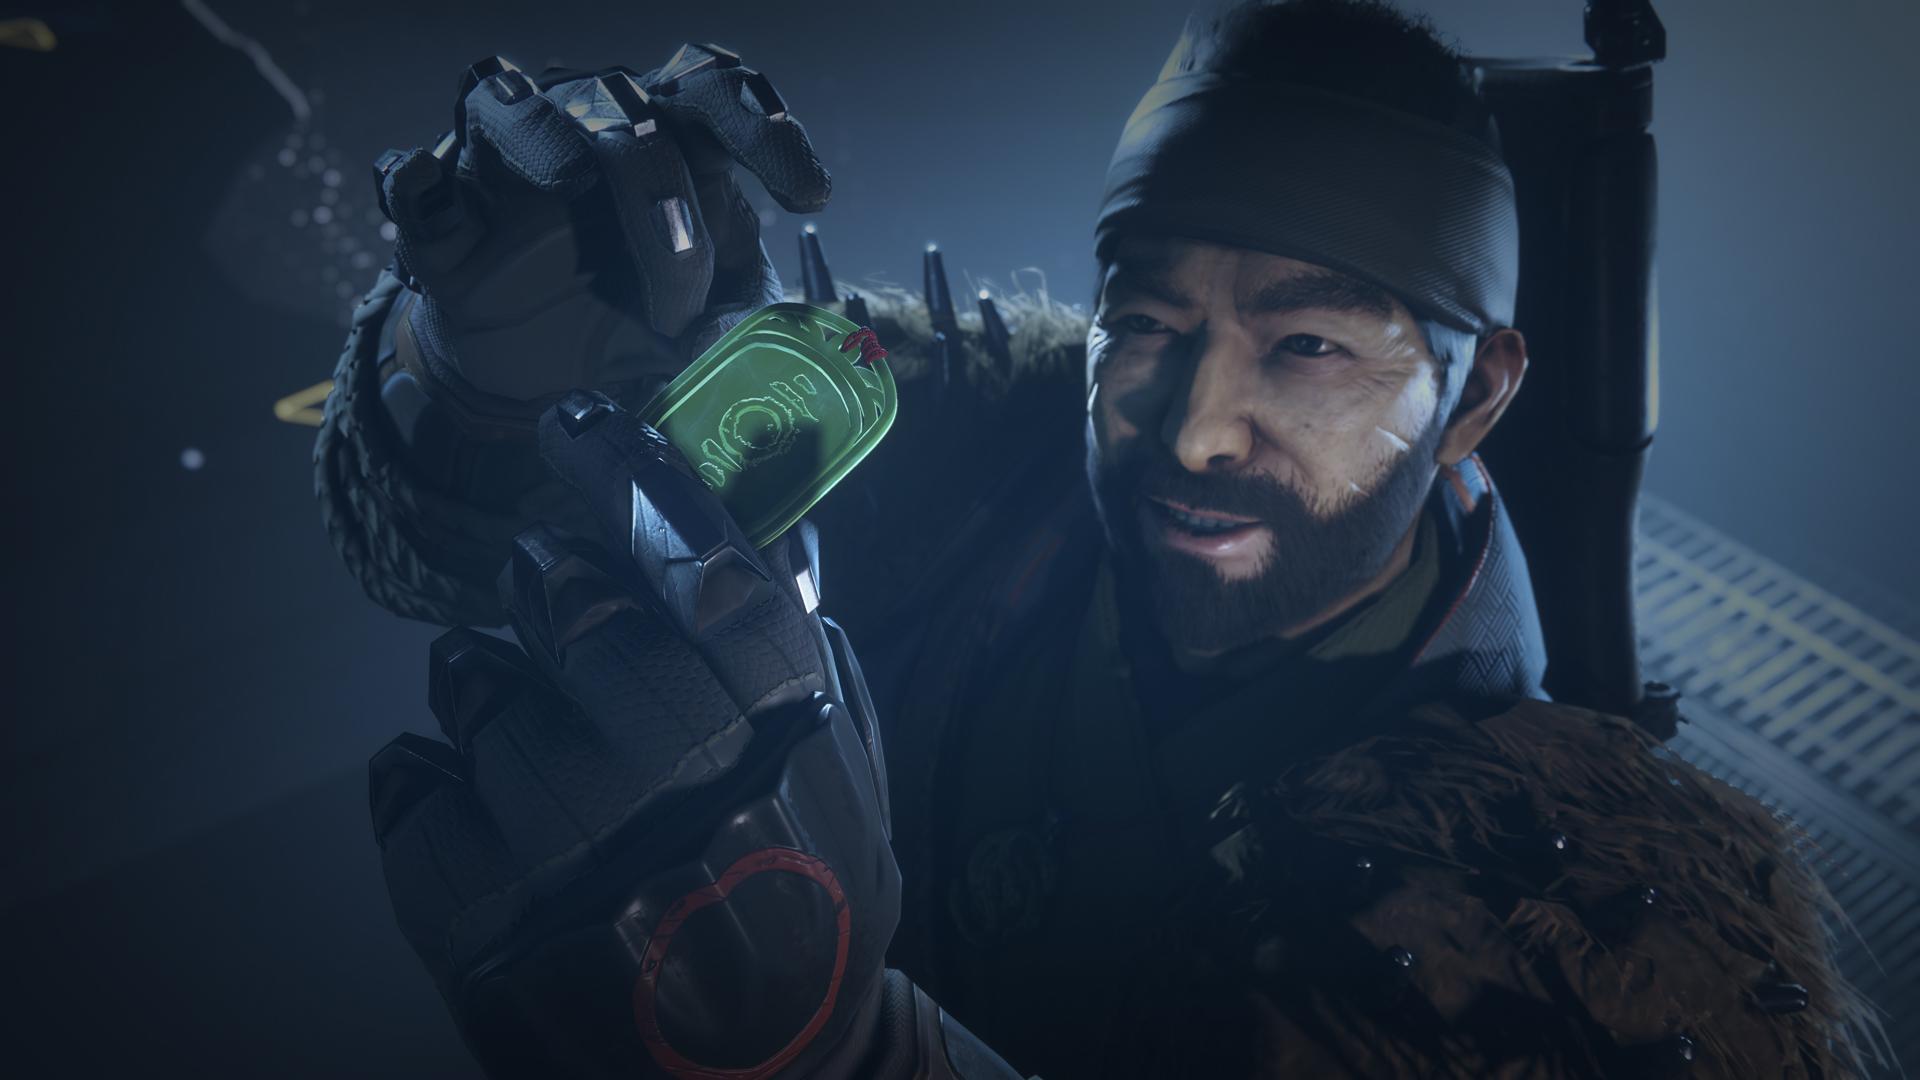 destiny 2, gambit prime weapons